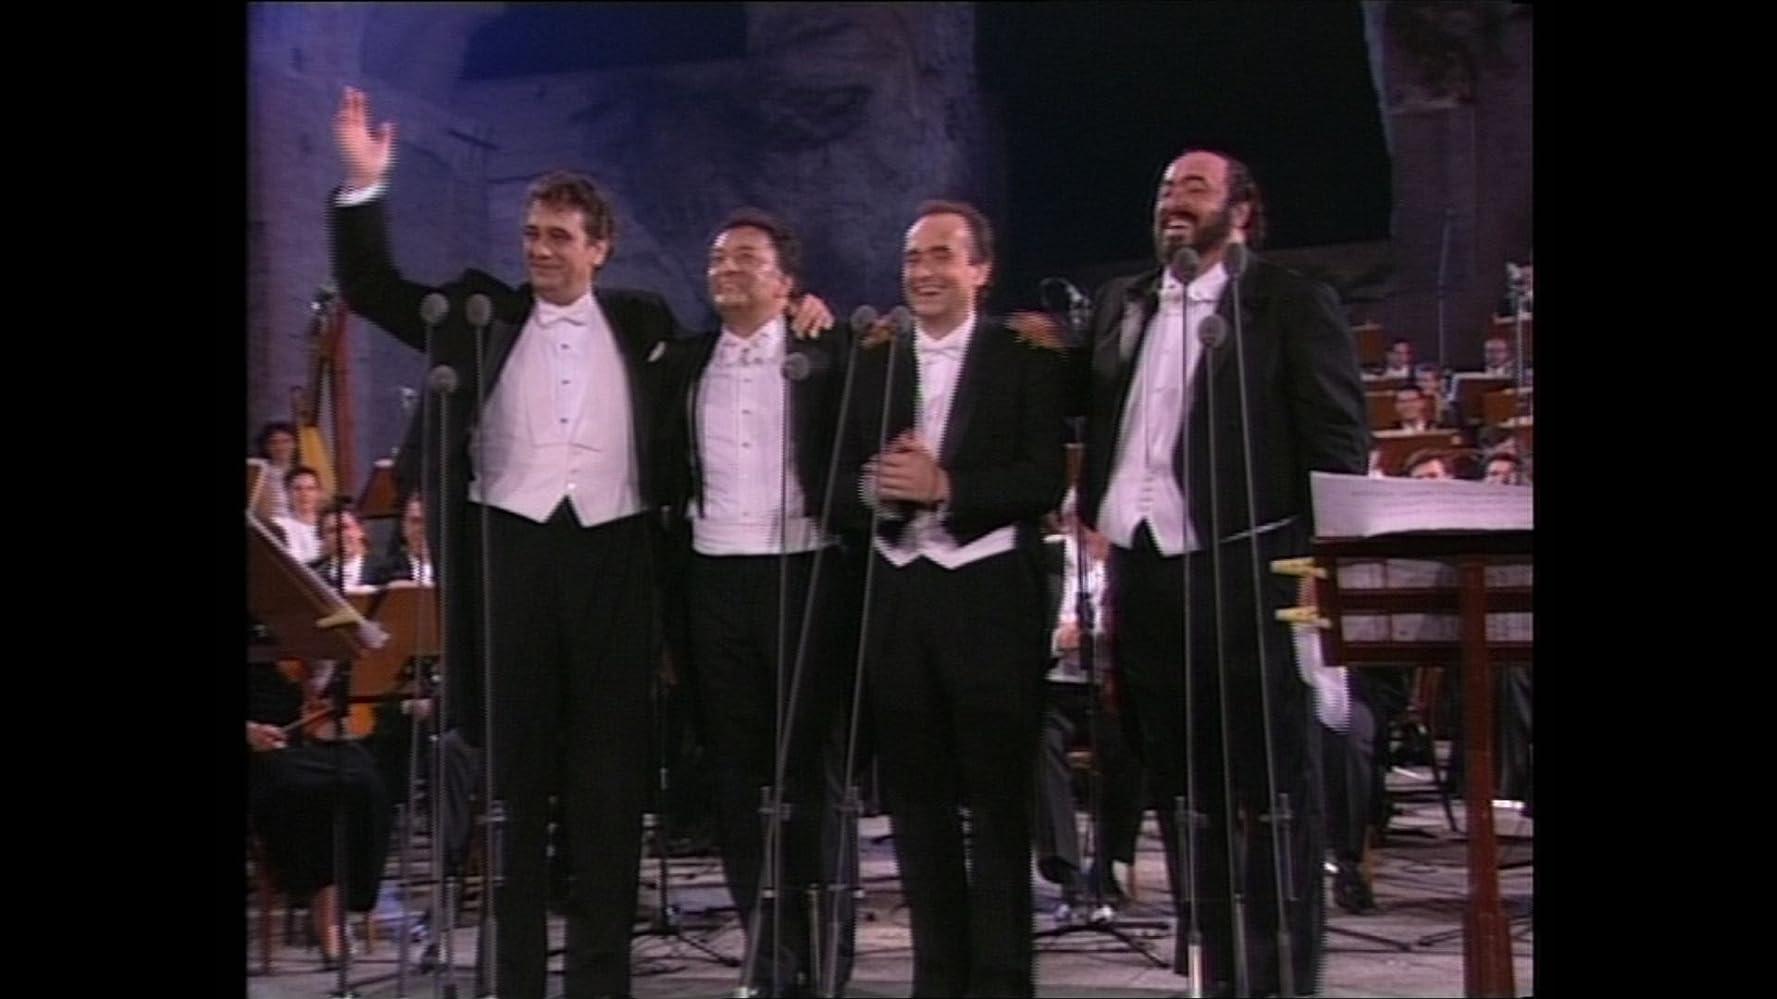 Plácido Domingo, Josep Carreras, Zubin Mehta, and Luciano Pavarotti in Pavarotti (2019)